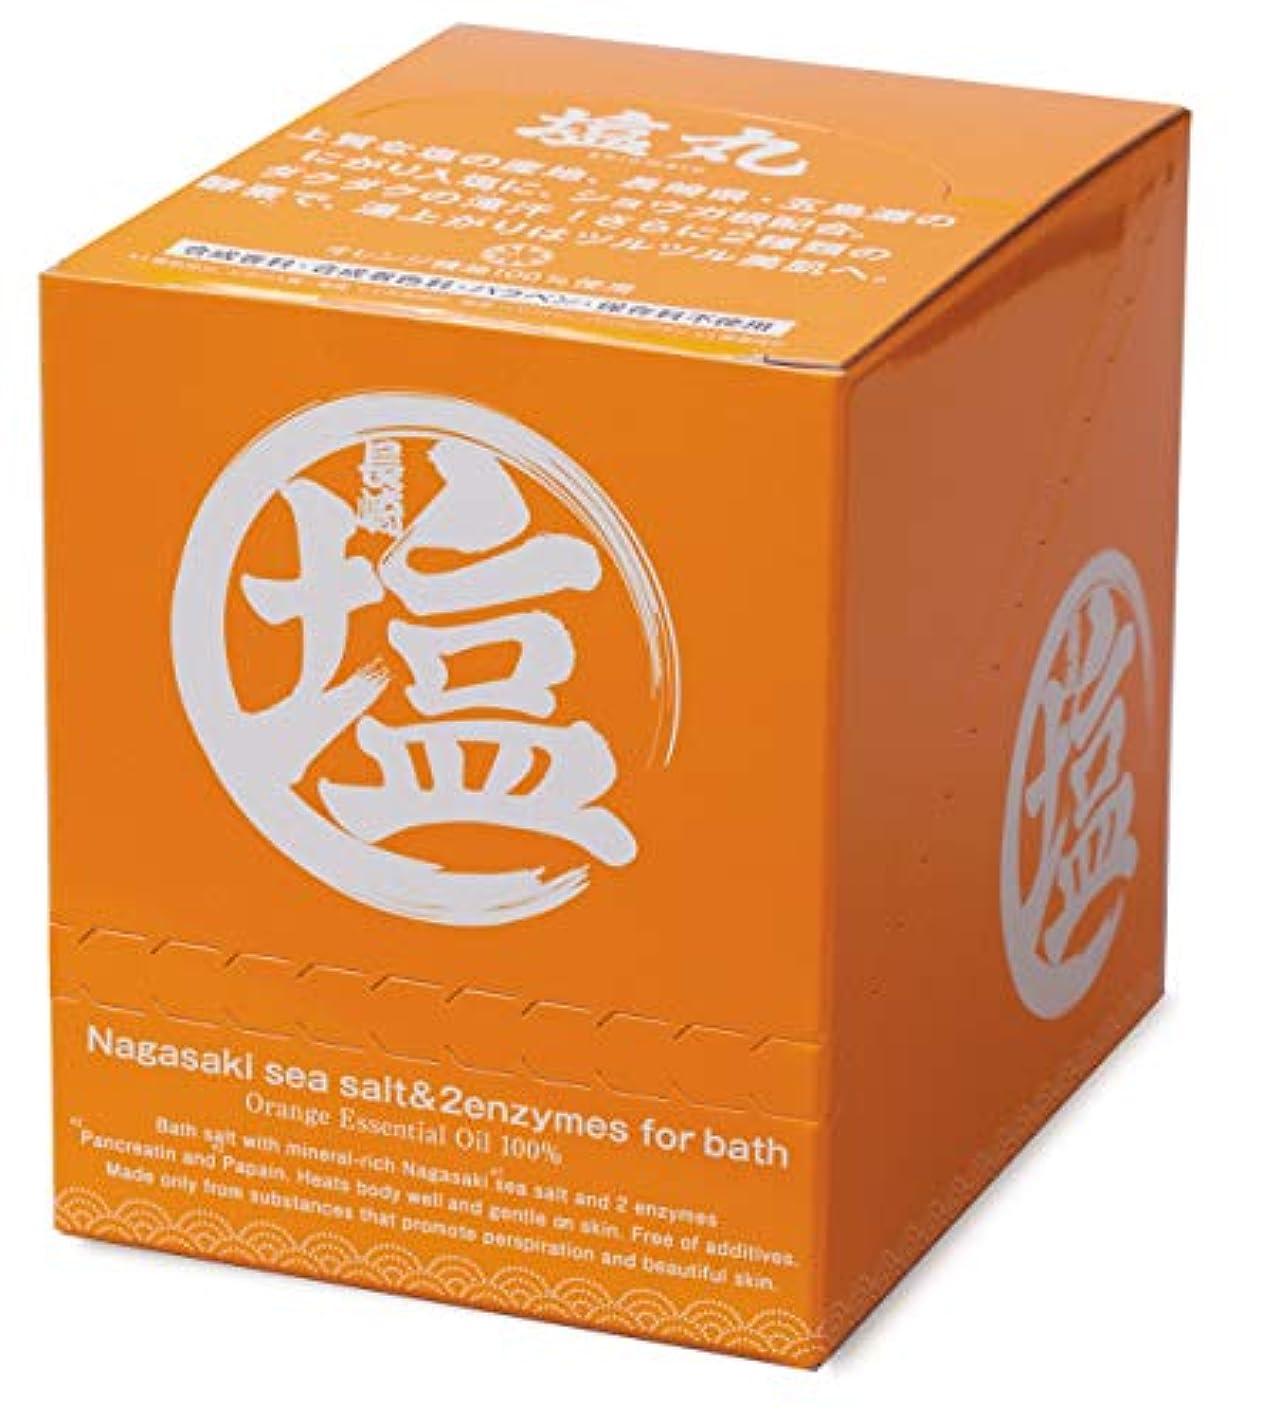 咳ミサイルツイン(塩丸)長崎産にがり入海塩入浴剤(40g×12包入)オレンジ精油/合成香料?合成着色料?保存料不使用